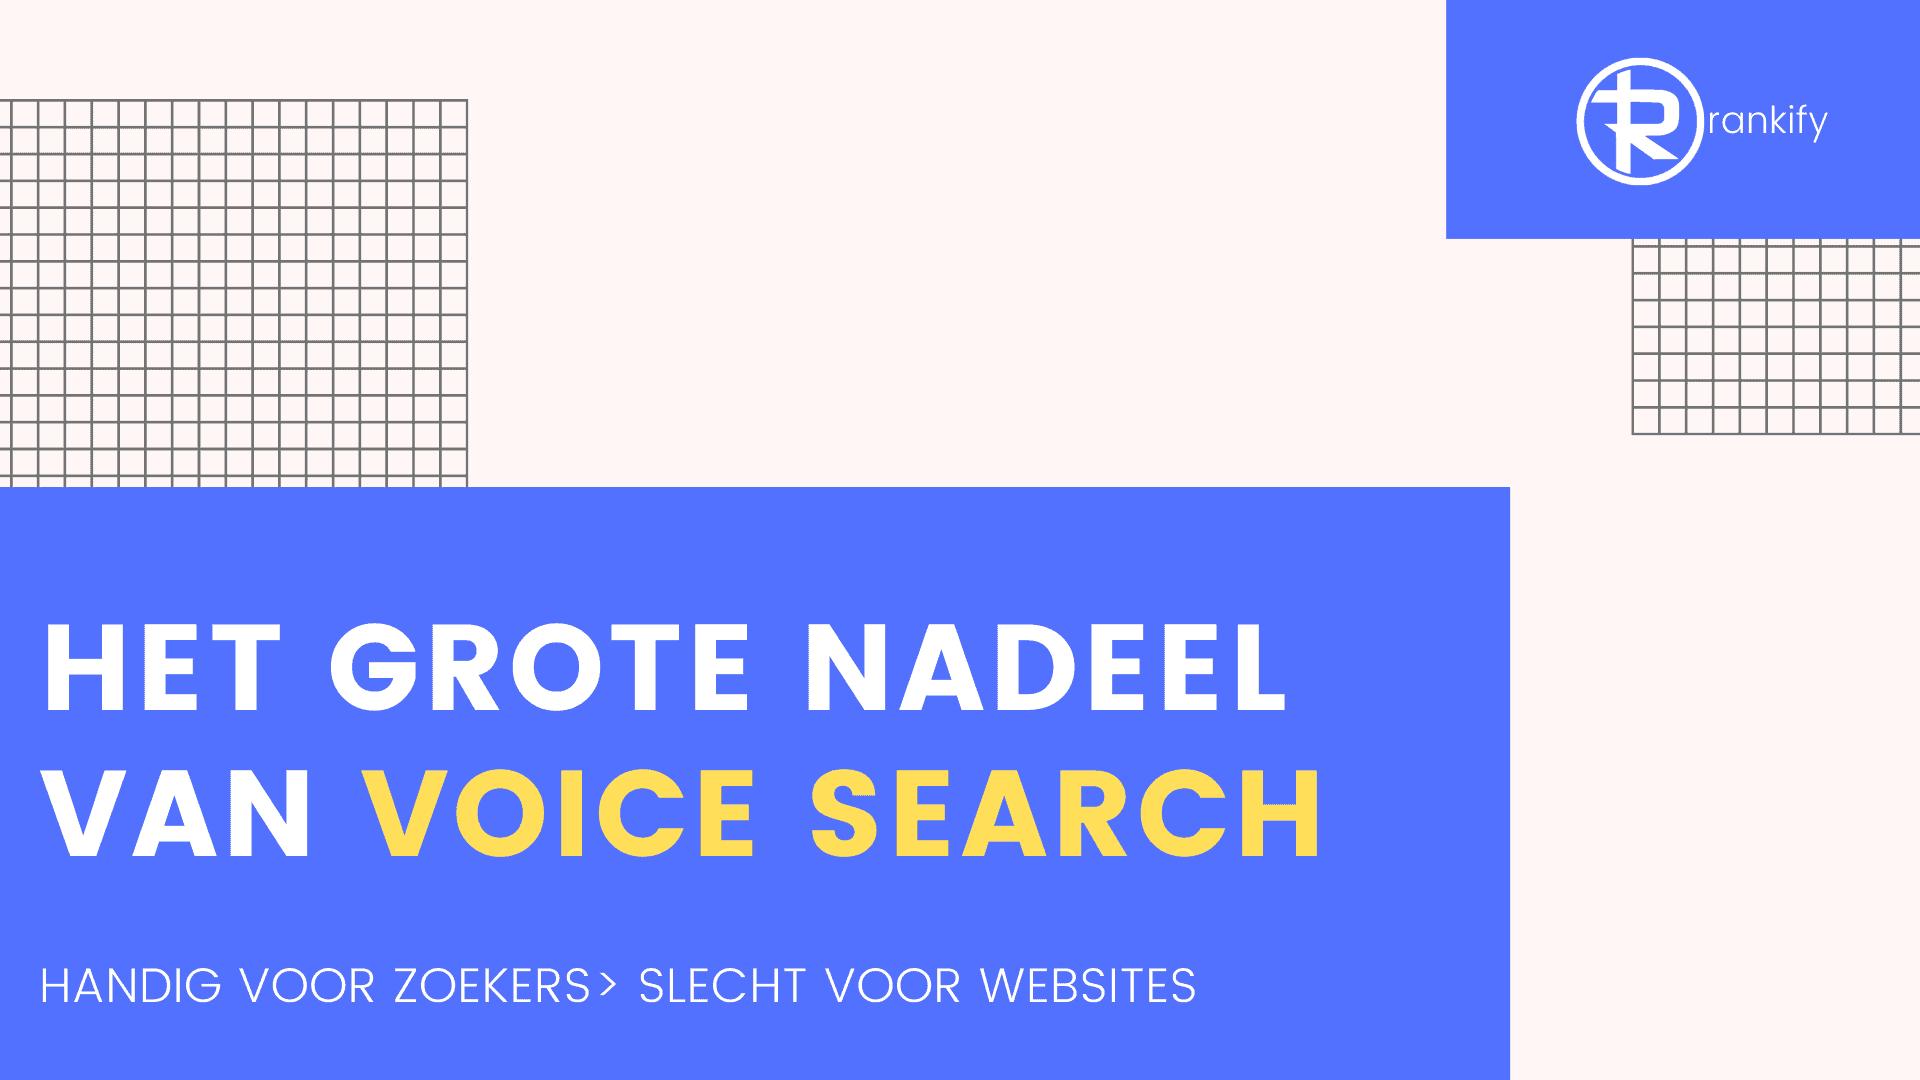 het grote nadeel van voice search